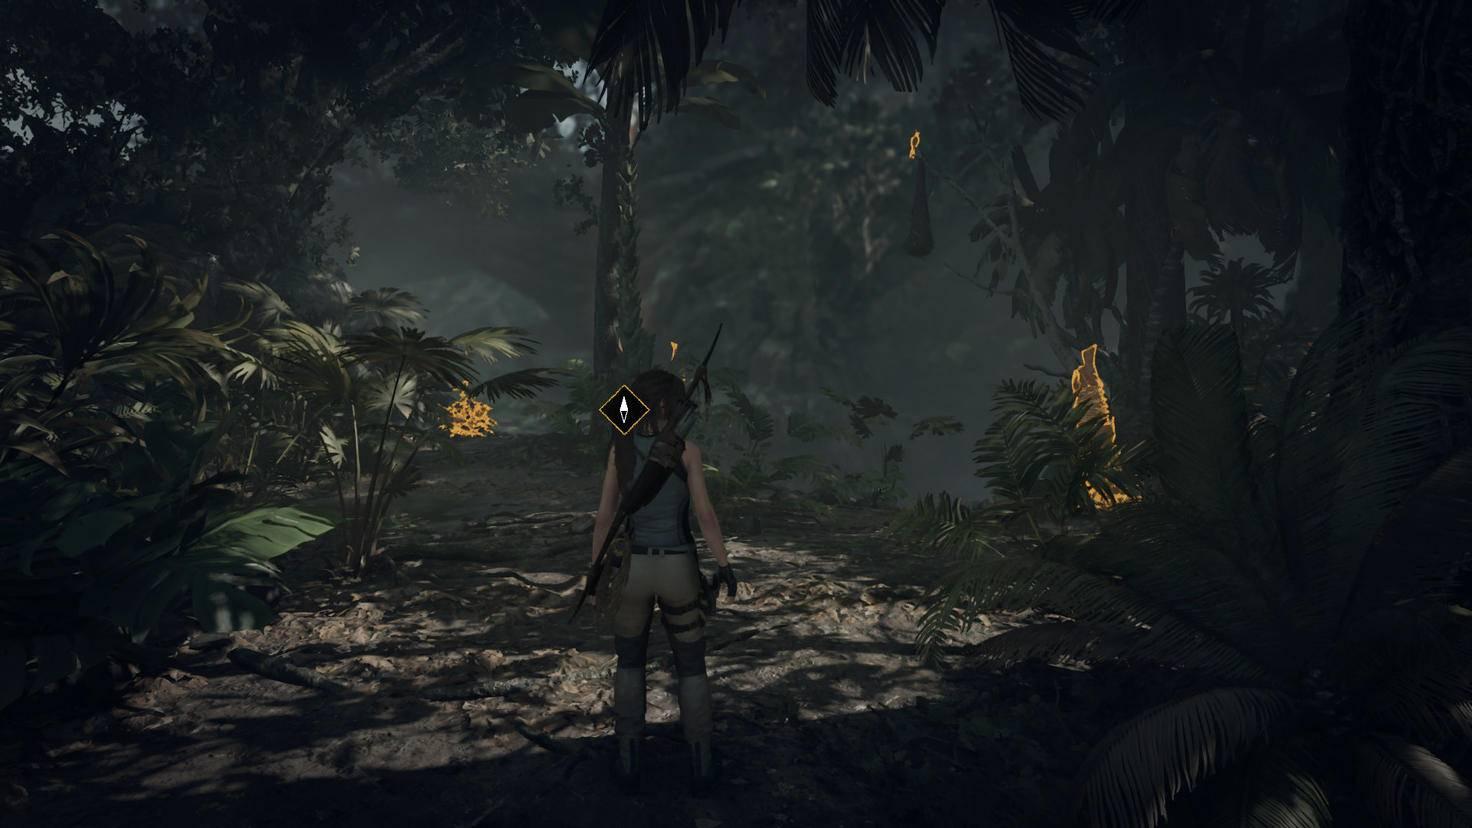 Je höher der Schwierigkeitsgrad, desto weniger Hilfe bekommt Lara.